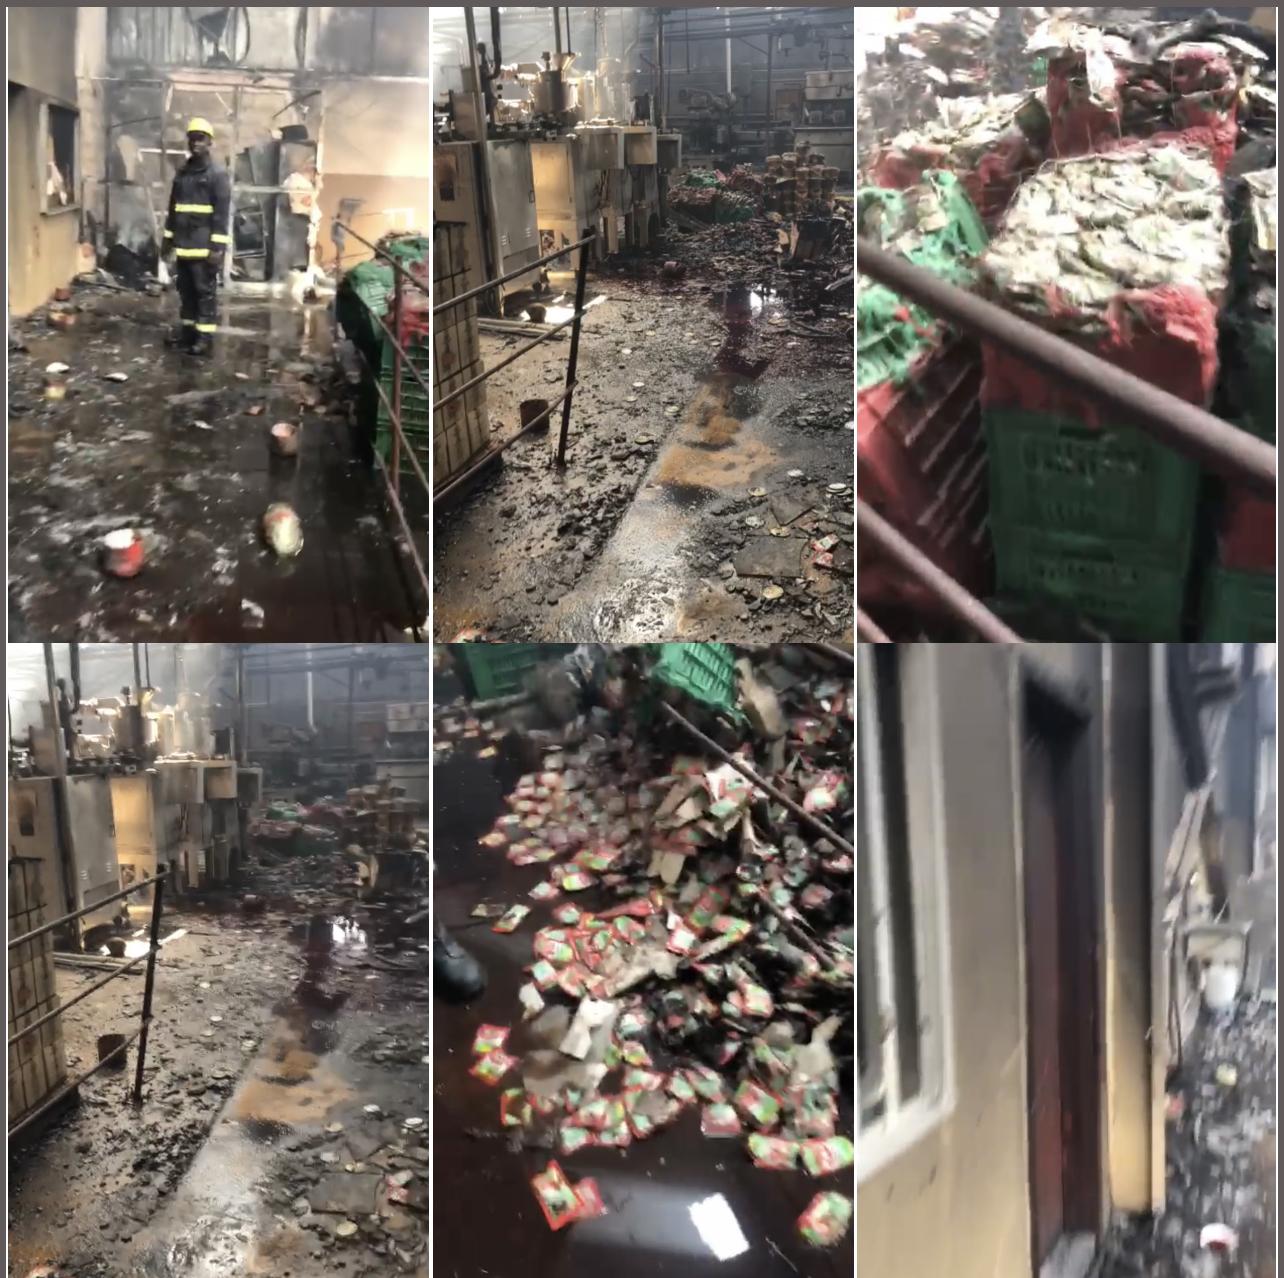 Incendie à la Zone franche industrielle de Mbao : Takamol Food de Cheikh Ahmed Tidiane Sy al Amine réduit en cendres....